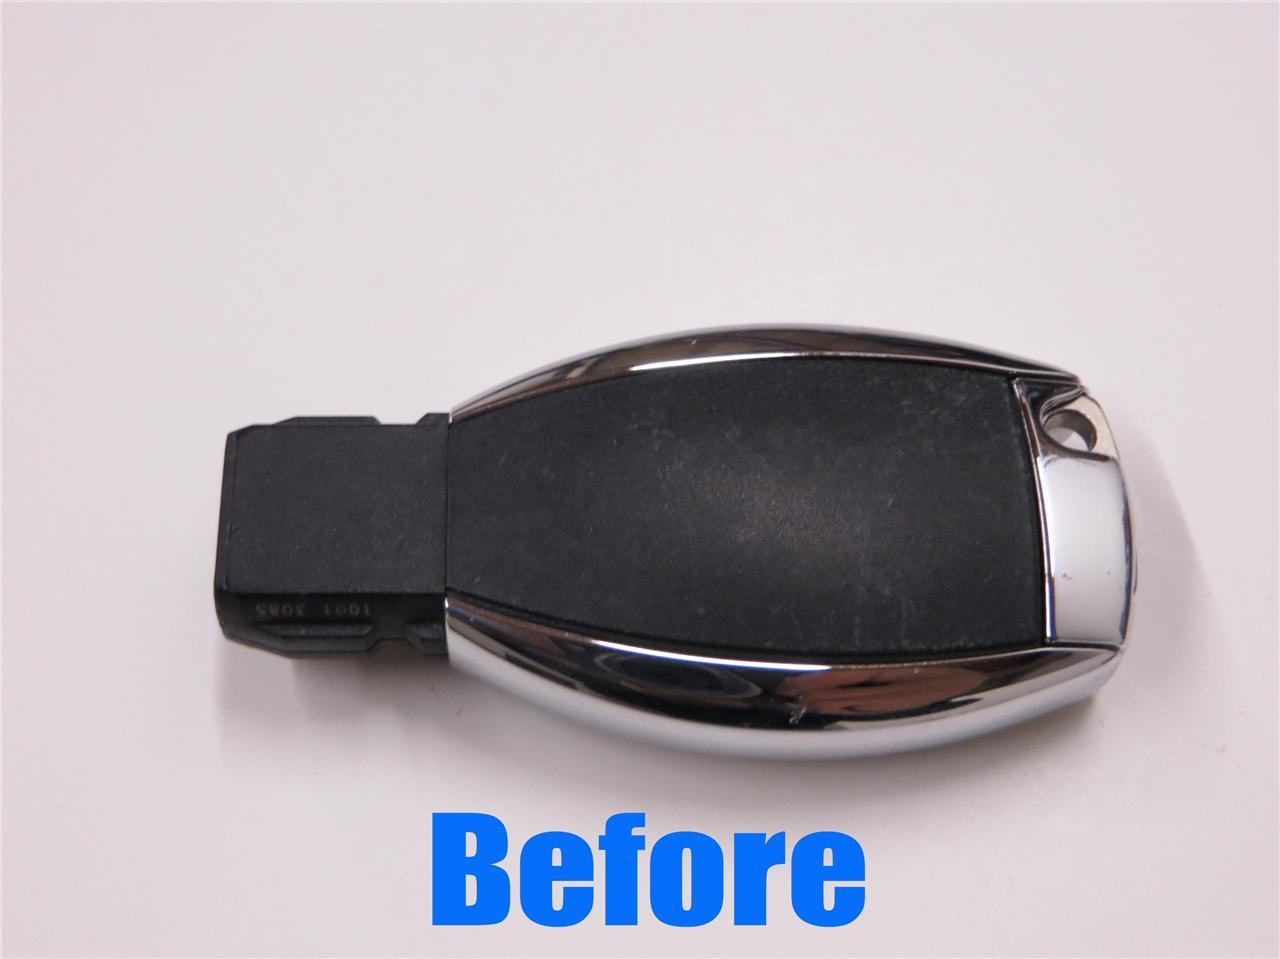 Carbon fiber mercedes benz car key decal sticker 2011 2012 for Mercedes benz car key